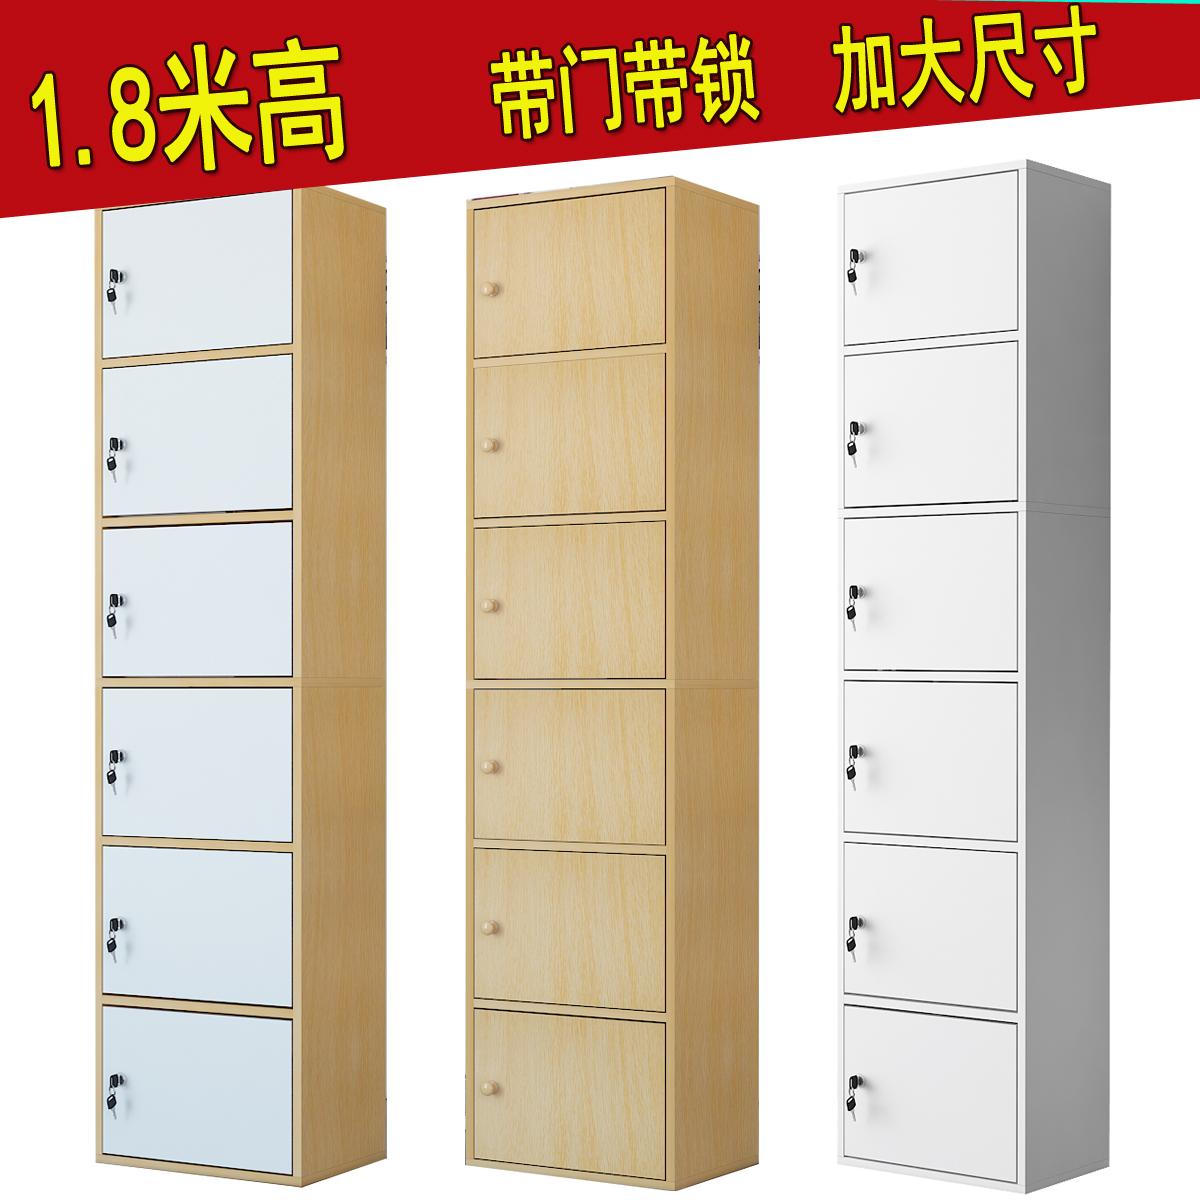 简约现代小木柜子储物柜带门置物柜床头收纳柜木带锁书柜书架